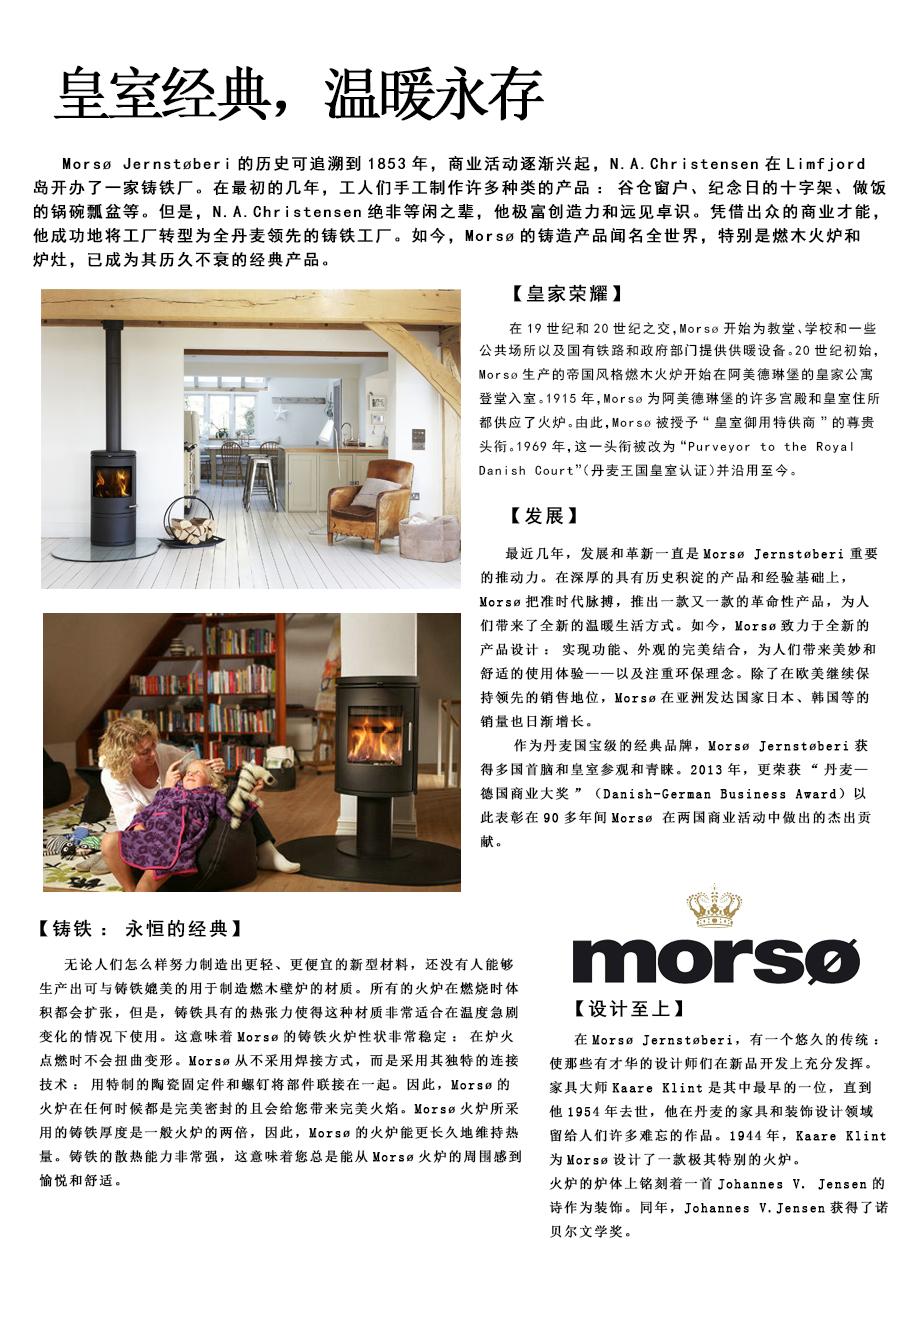 平客壁炉代理品牌morso壁炉介绍2.jpg